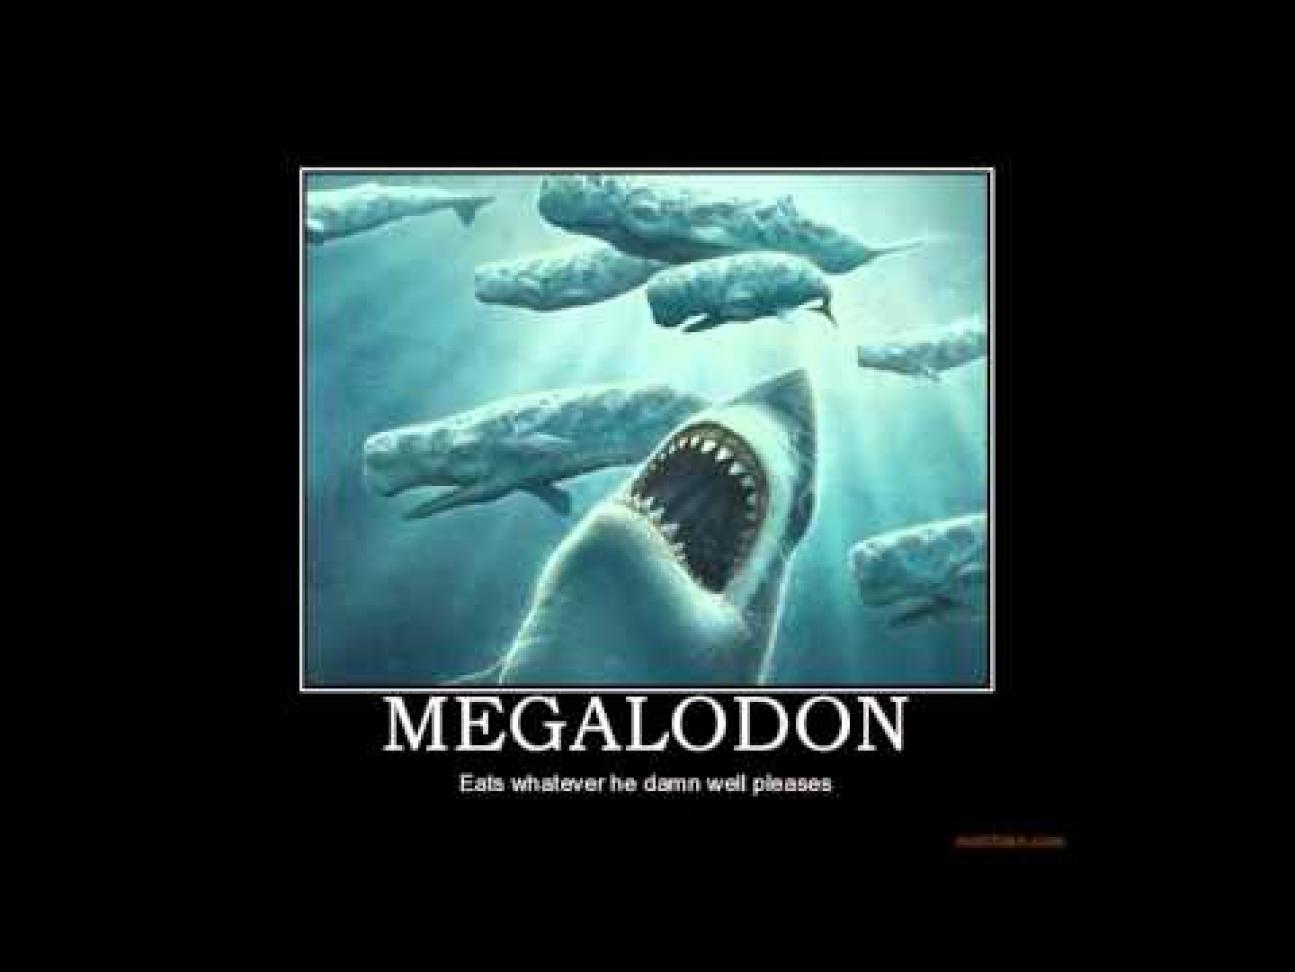 Megalodon Wallpaper HD - WallpaperSafari